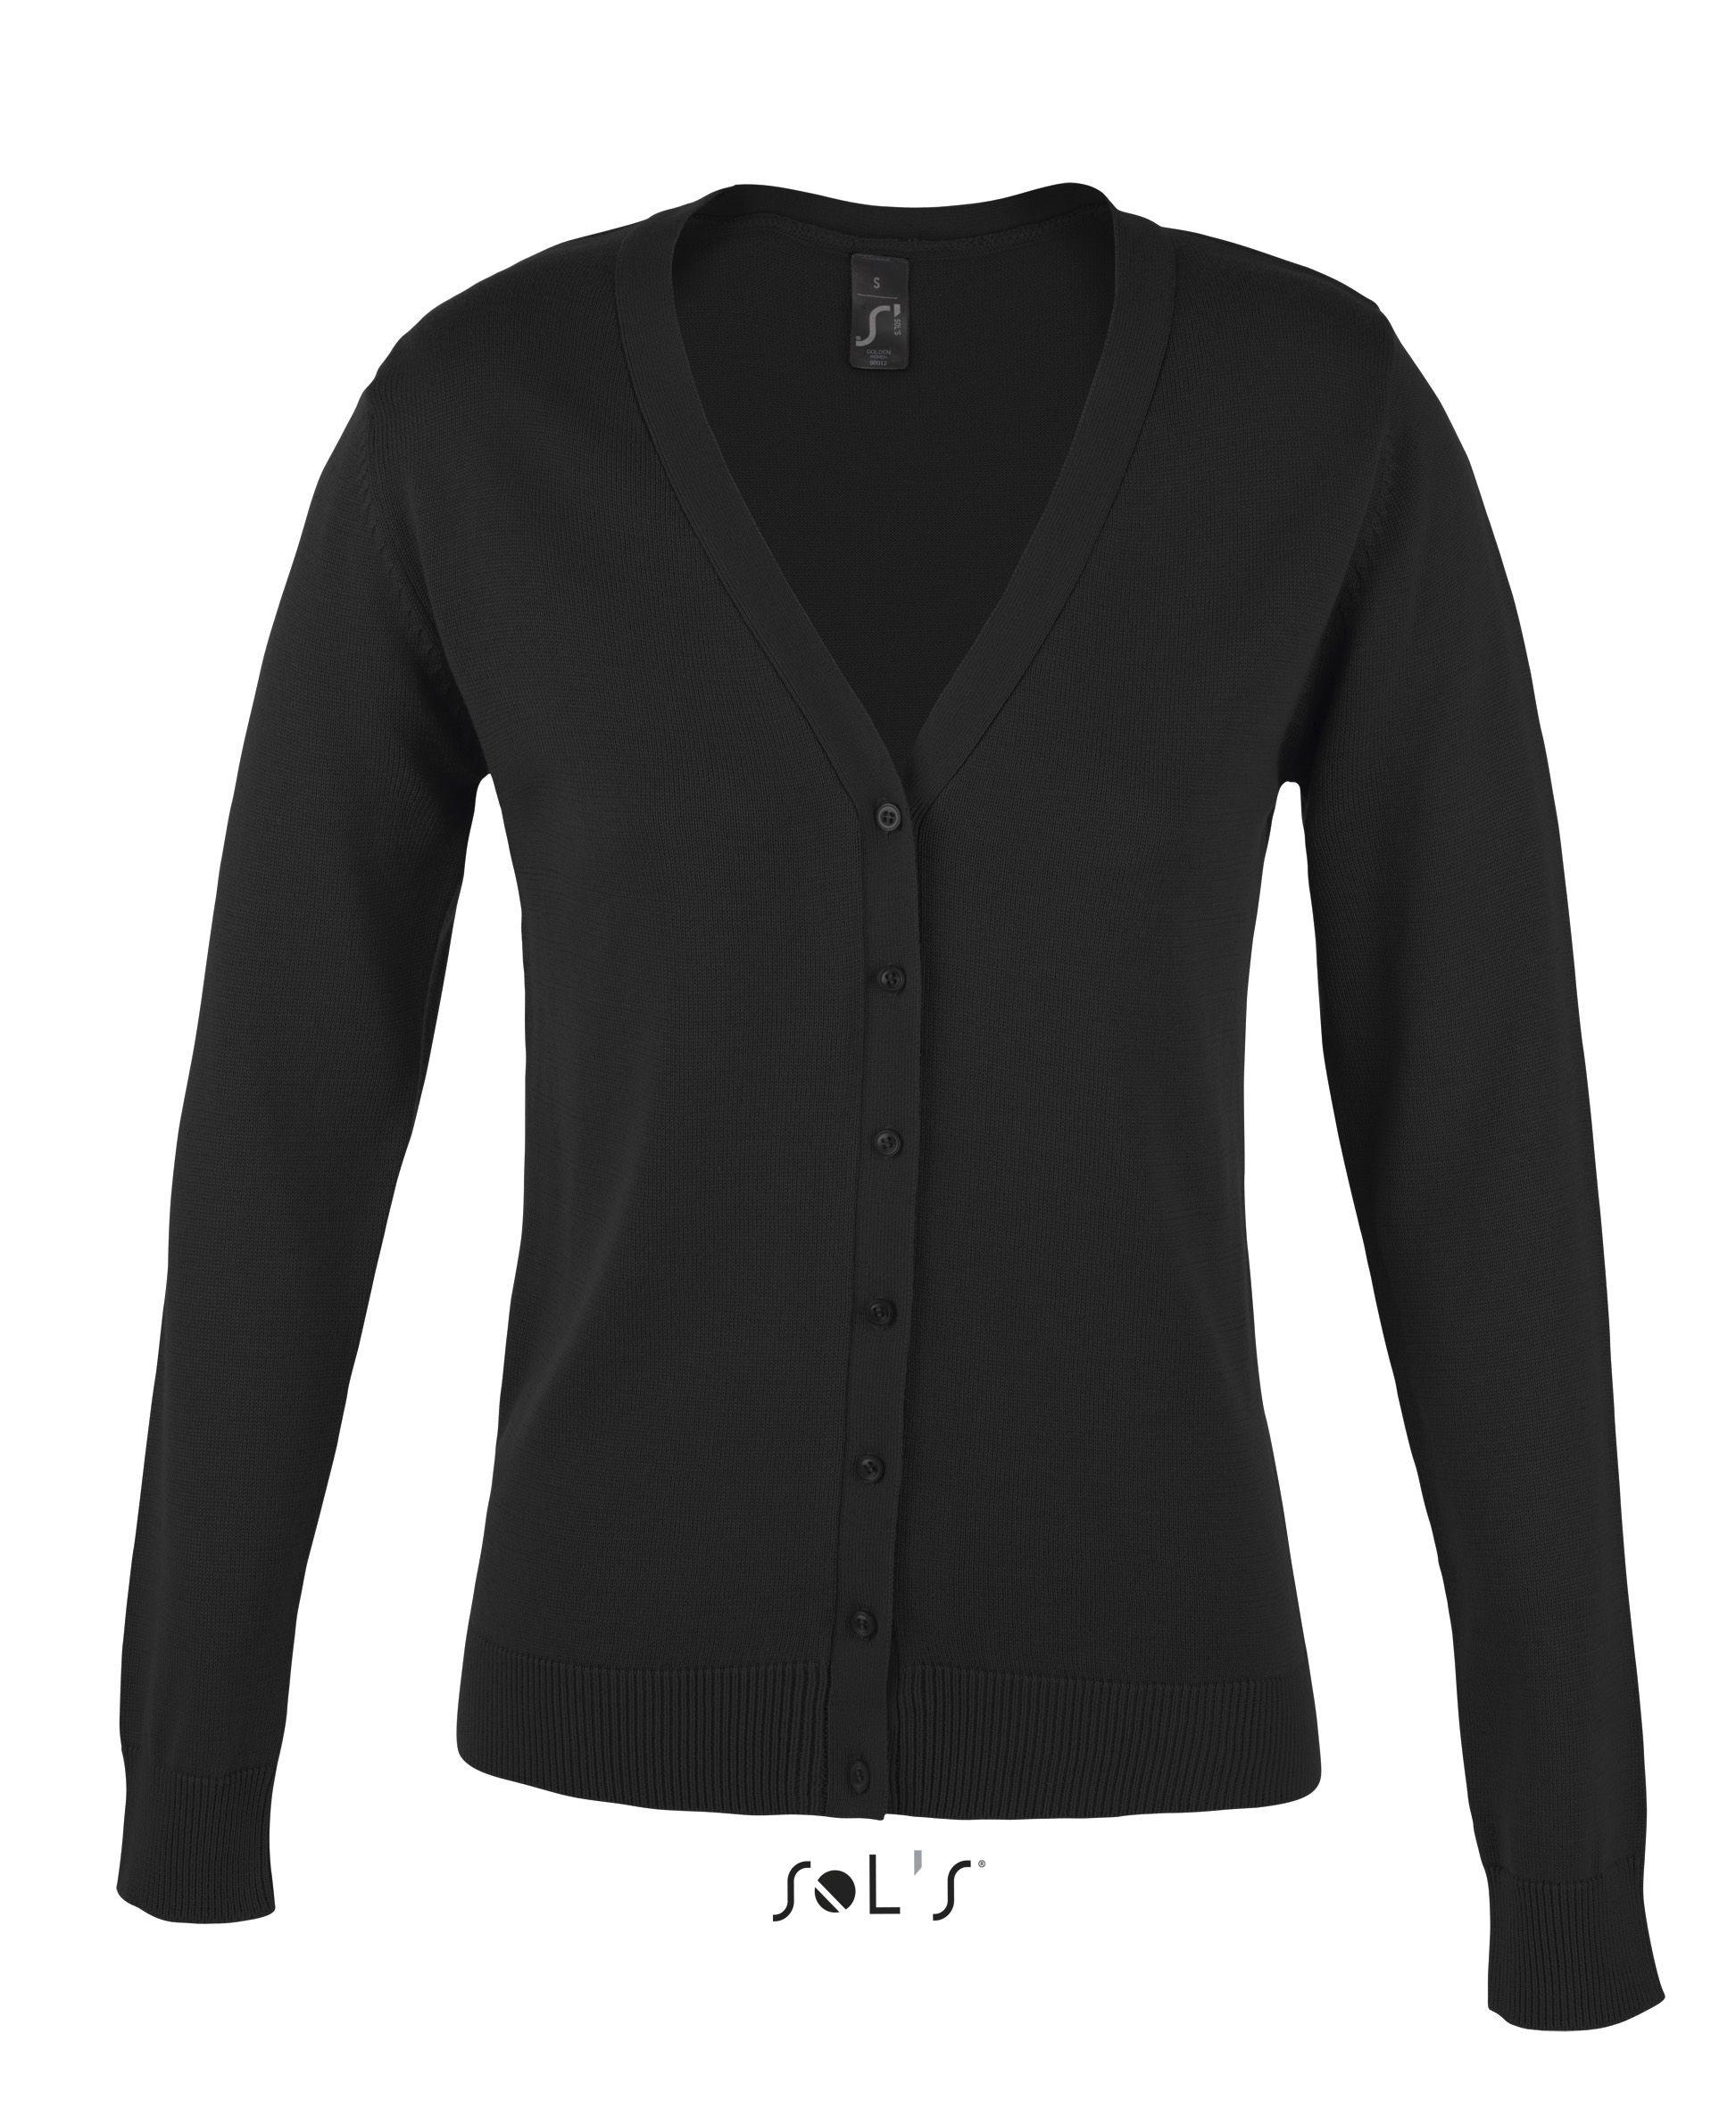 Sweter S 90012 Golden Women - 90012_black_S - Kolor: Black